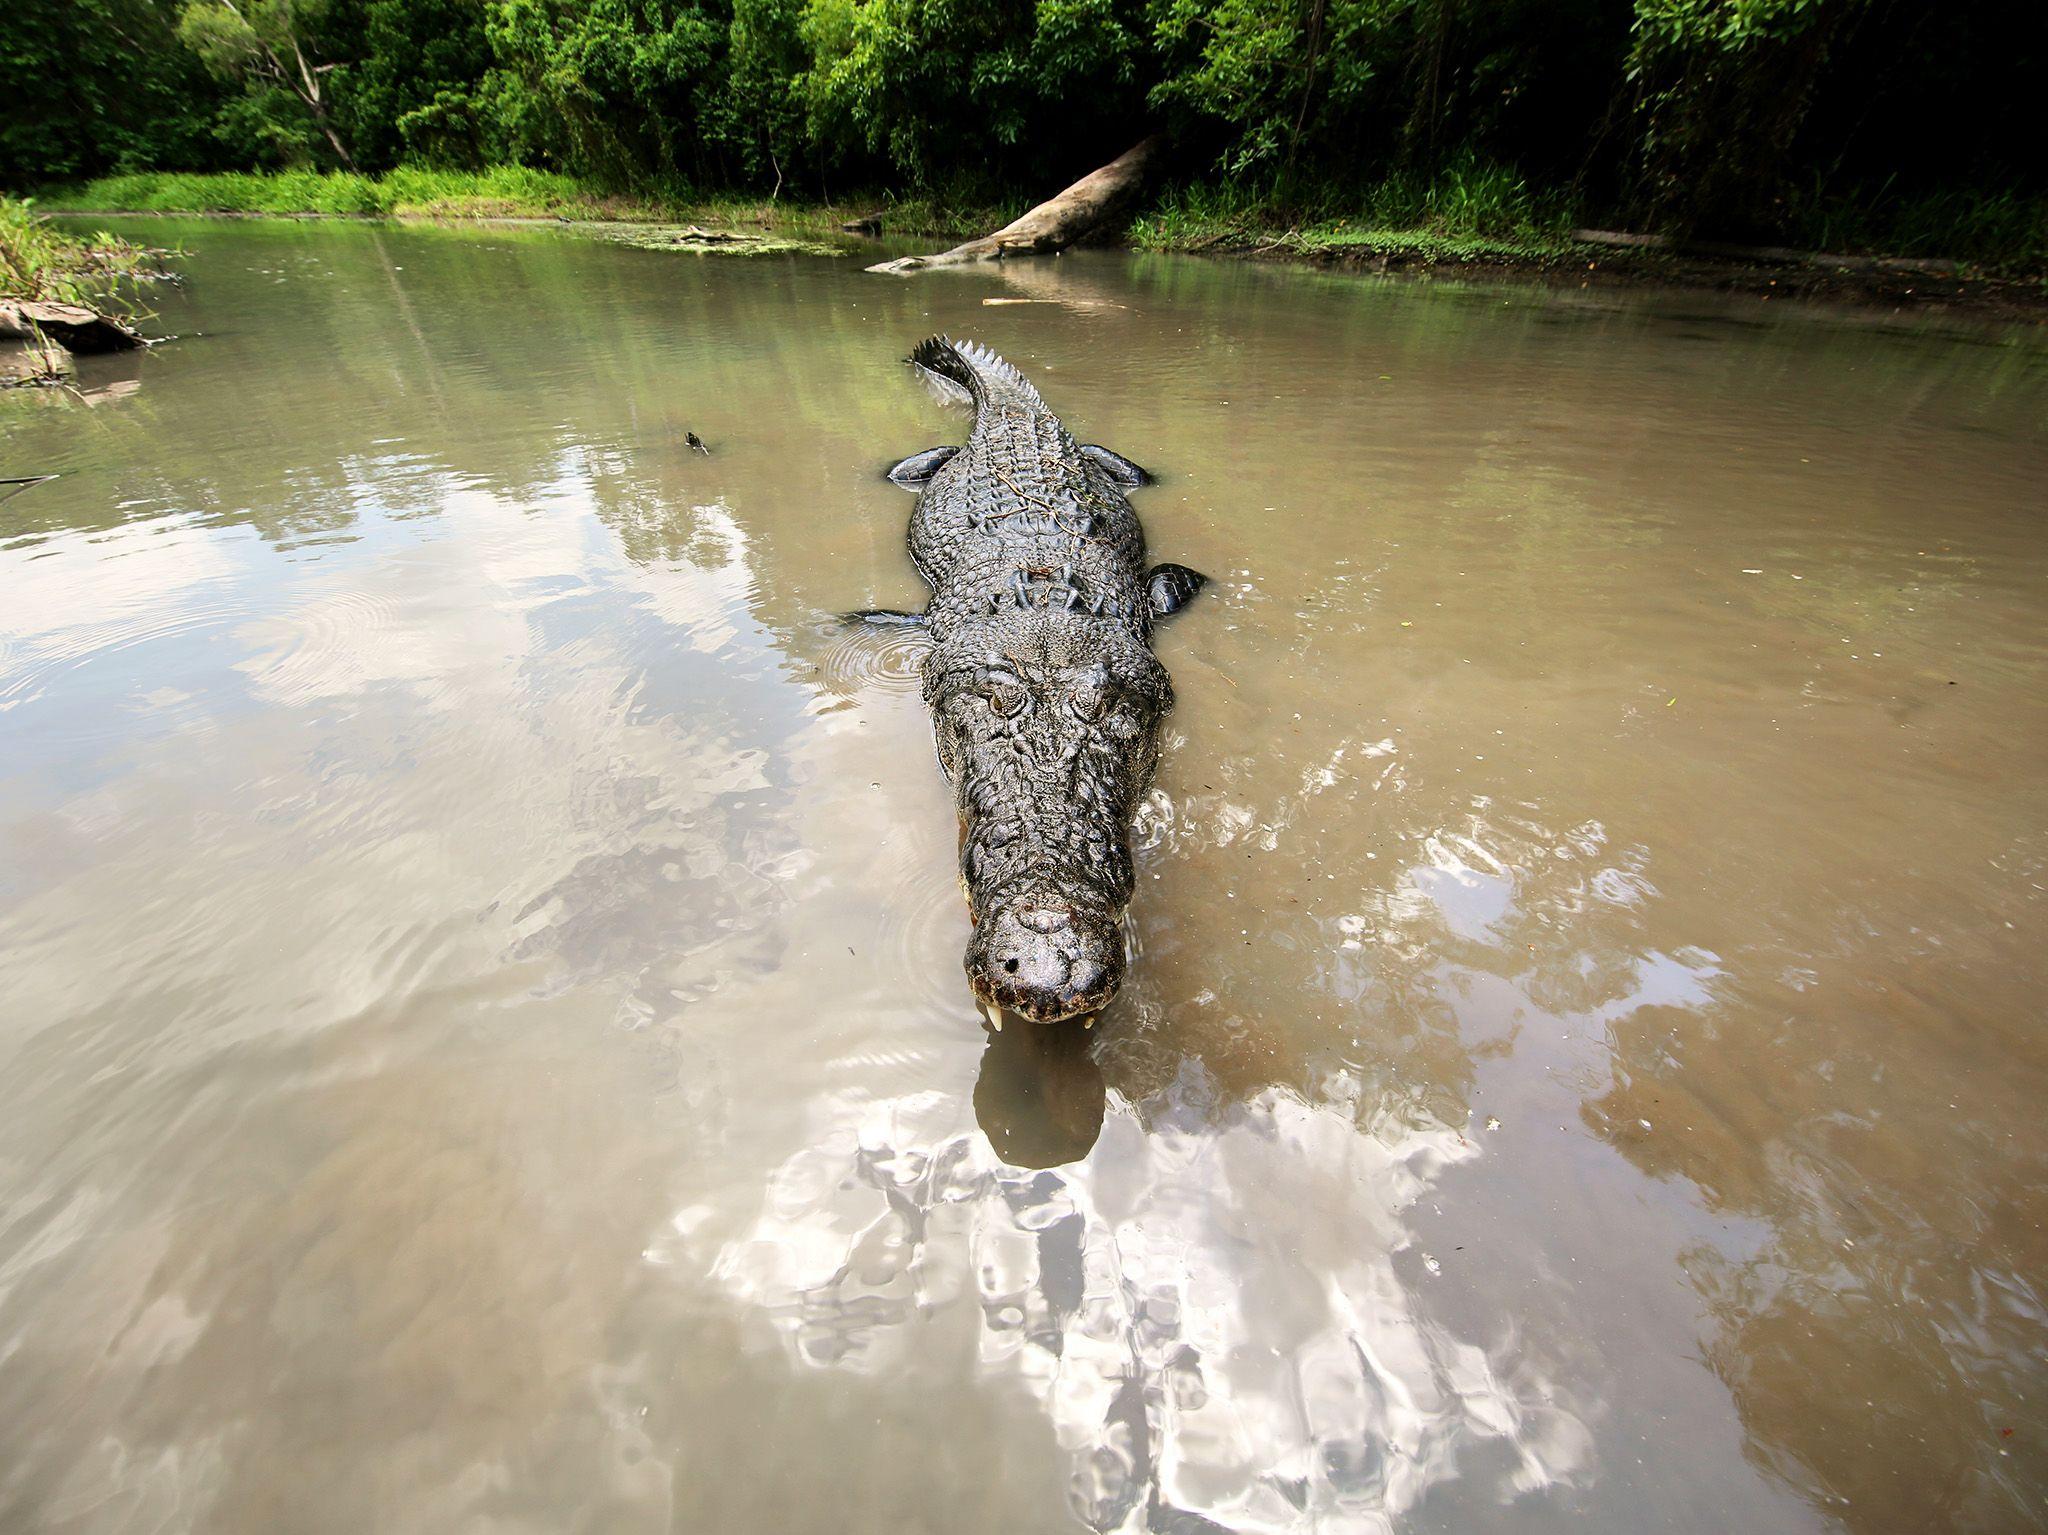 الإقليم الشمالي، أستراليا:  تمساح المياه المالحة... [Photo of the day - يناير 2018]